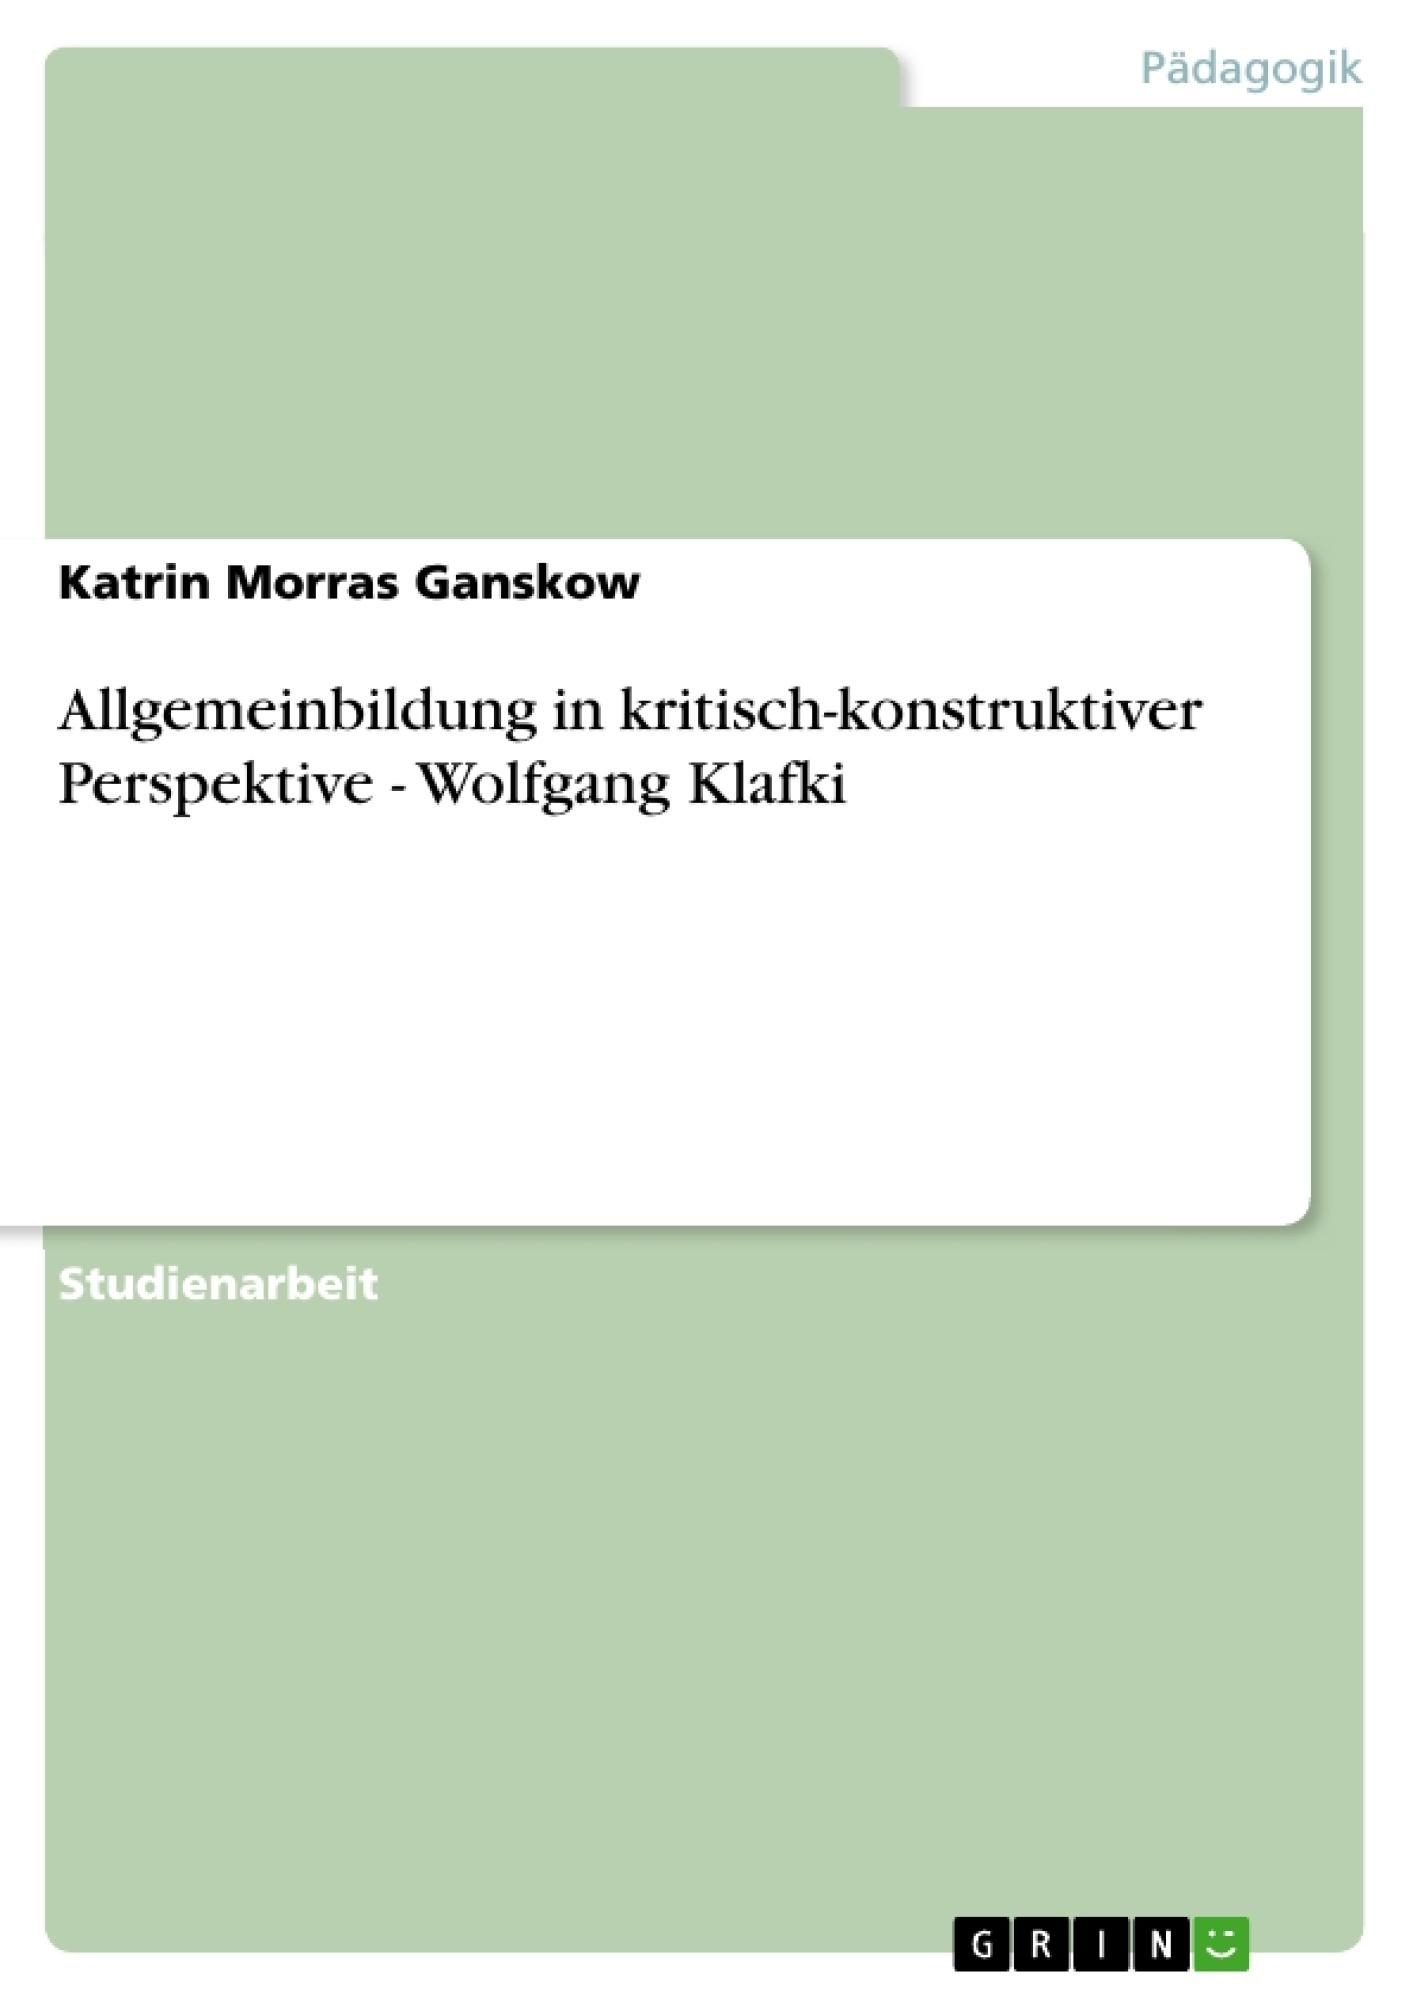 Titel: Allgemeinbildung in kritisch-konstruktiver Perspektive - Wolfgang Klafki